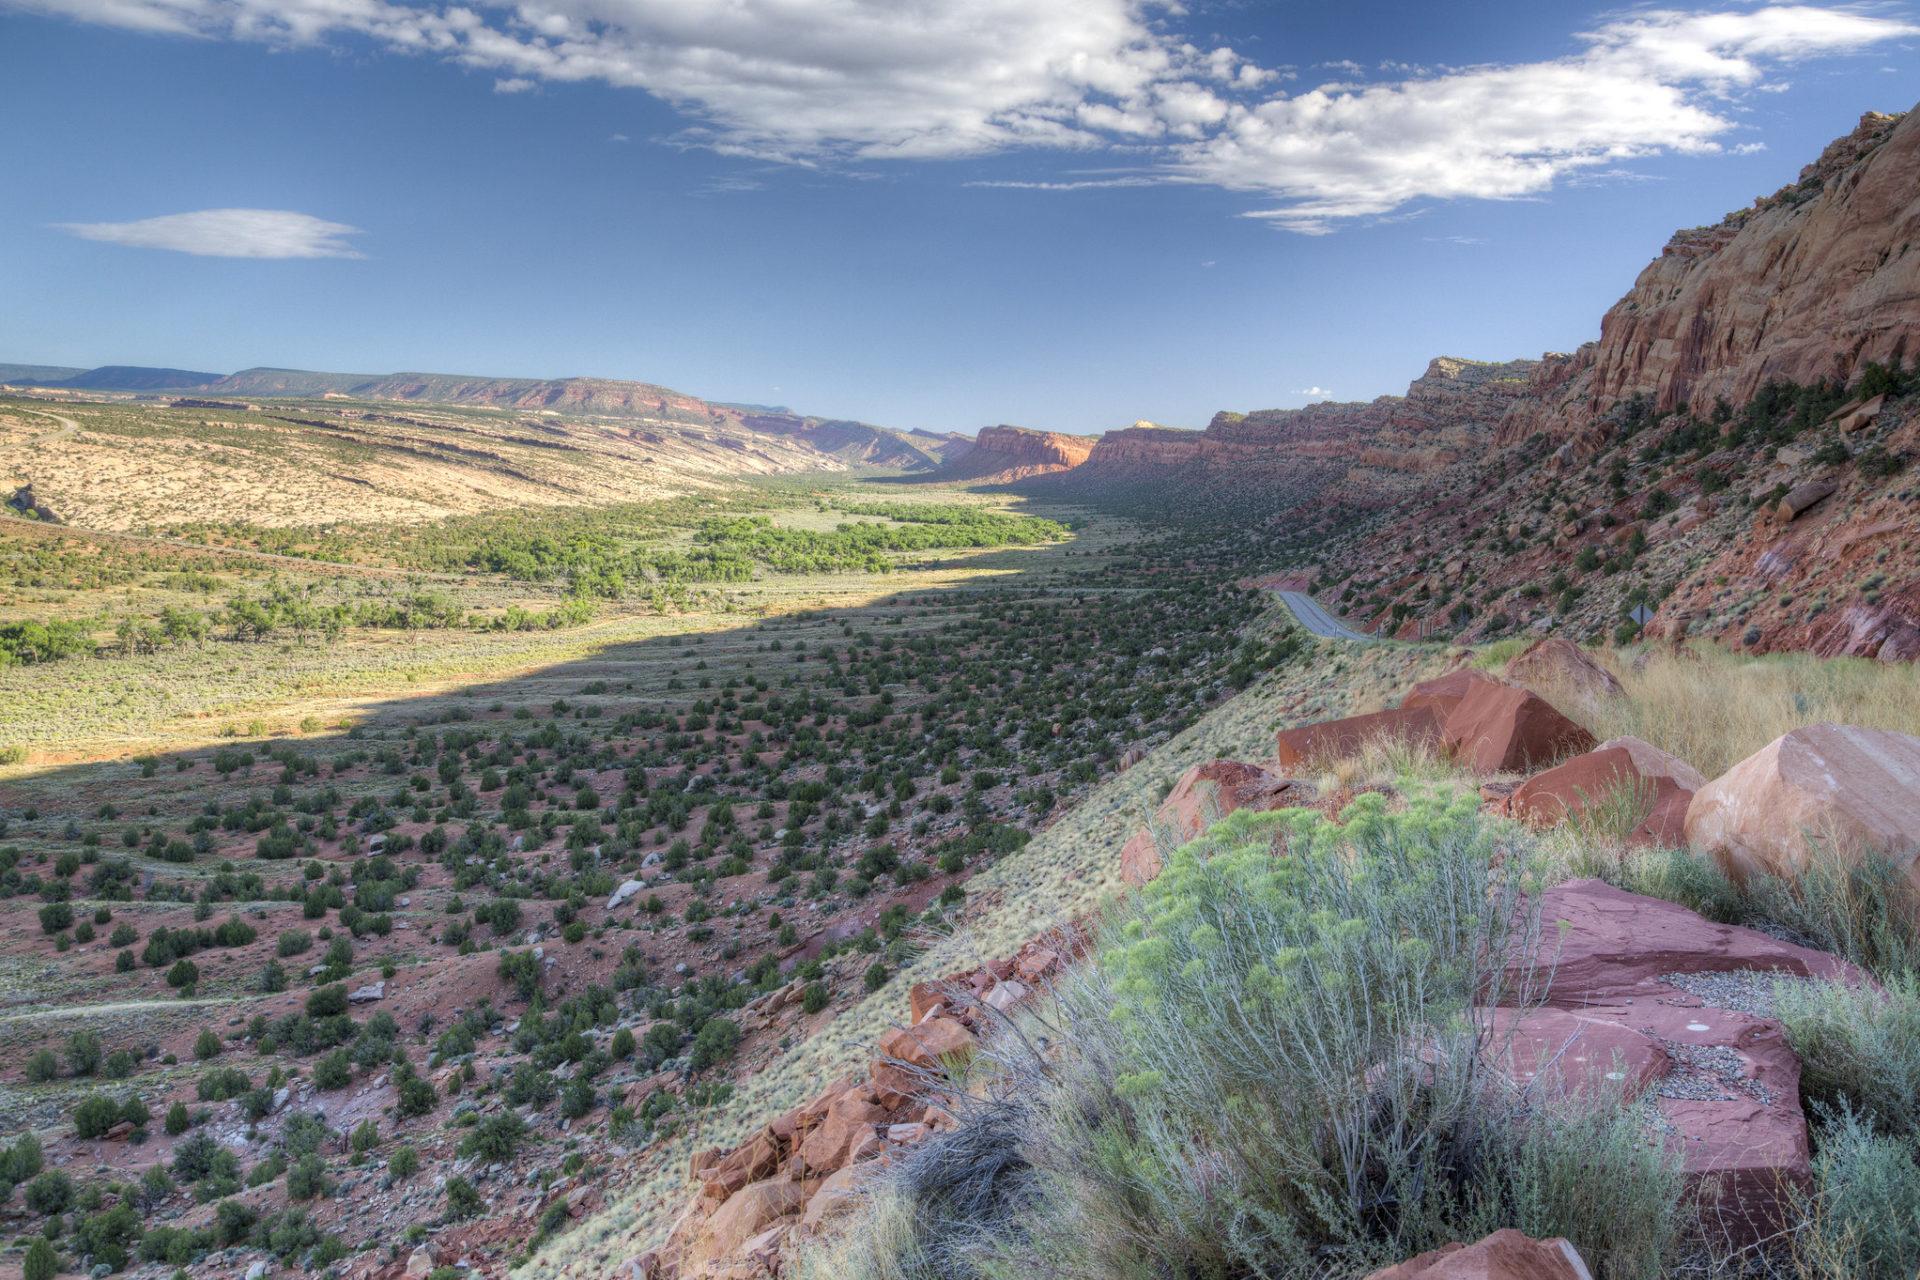 الموارد الطبيعية في أمريكا - 6 مصادر رئيسية للاقتصاد